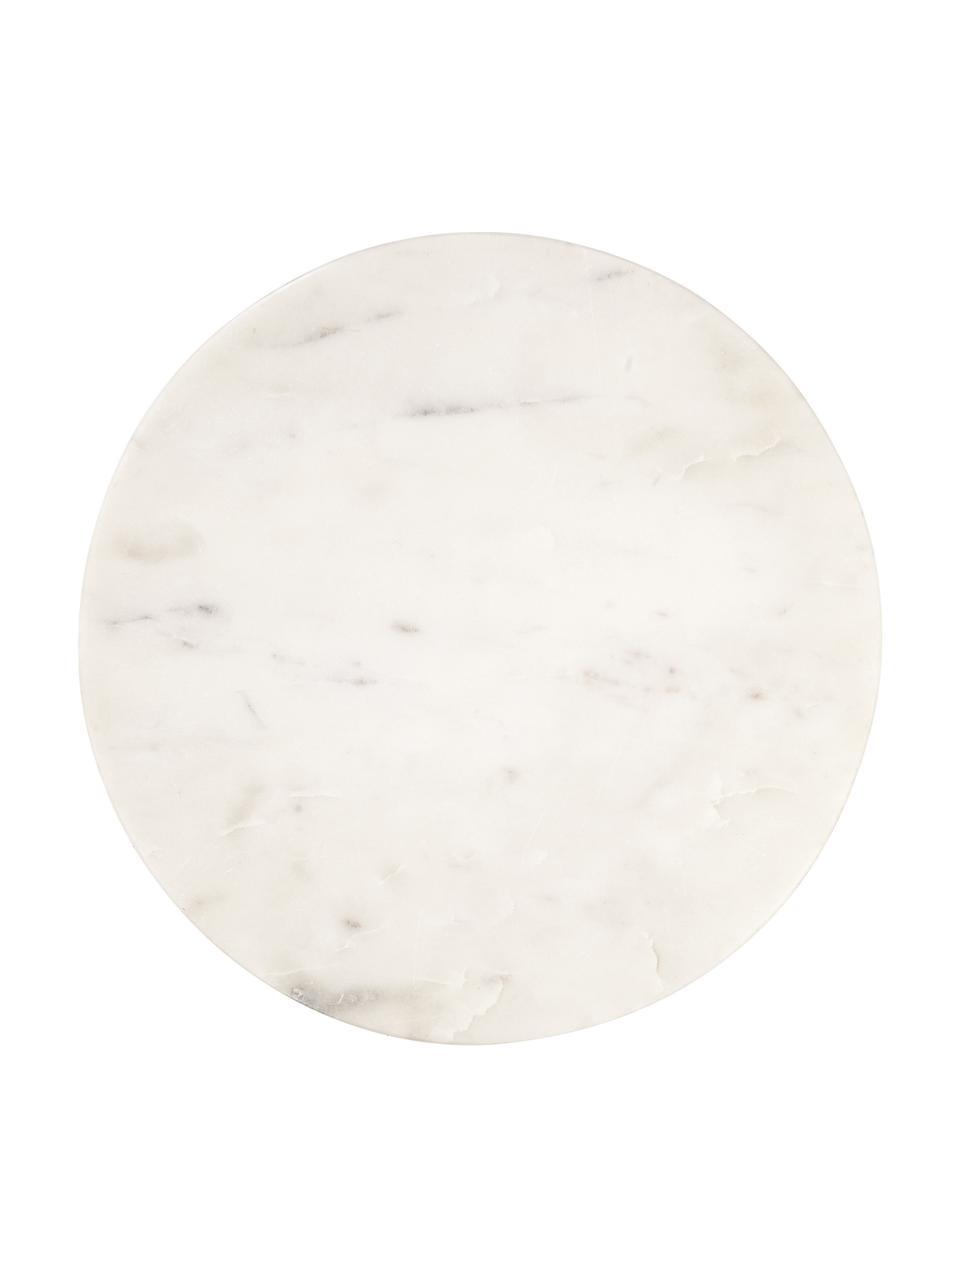 Marmeren serveerplateau Minu, Ø 30 cm, Marmer, Wit, Ø 30 cm